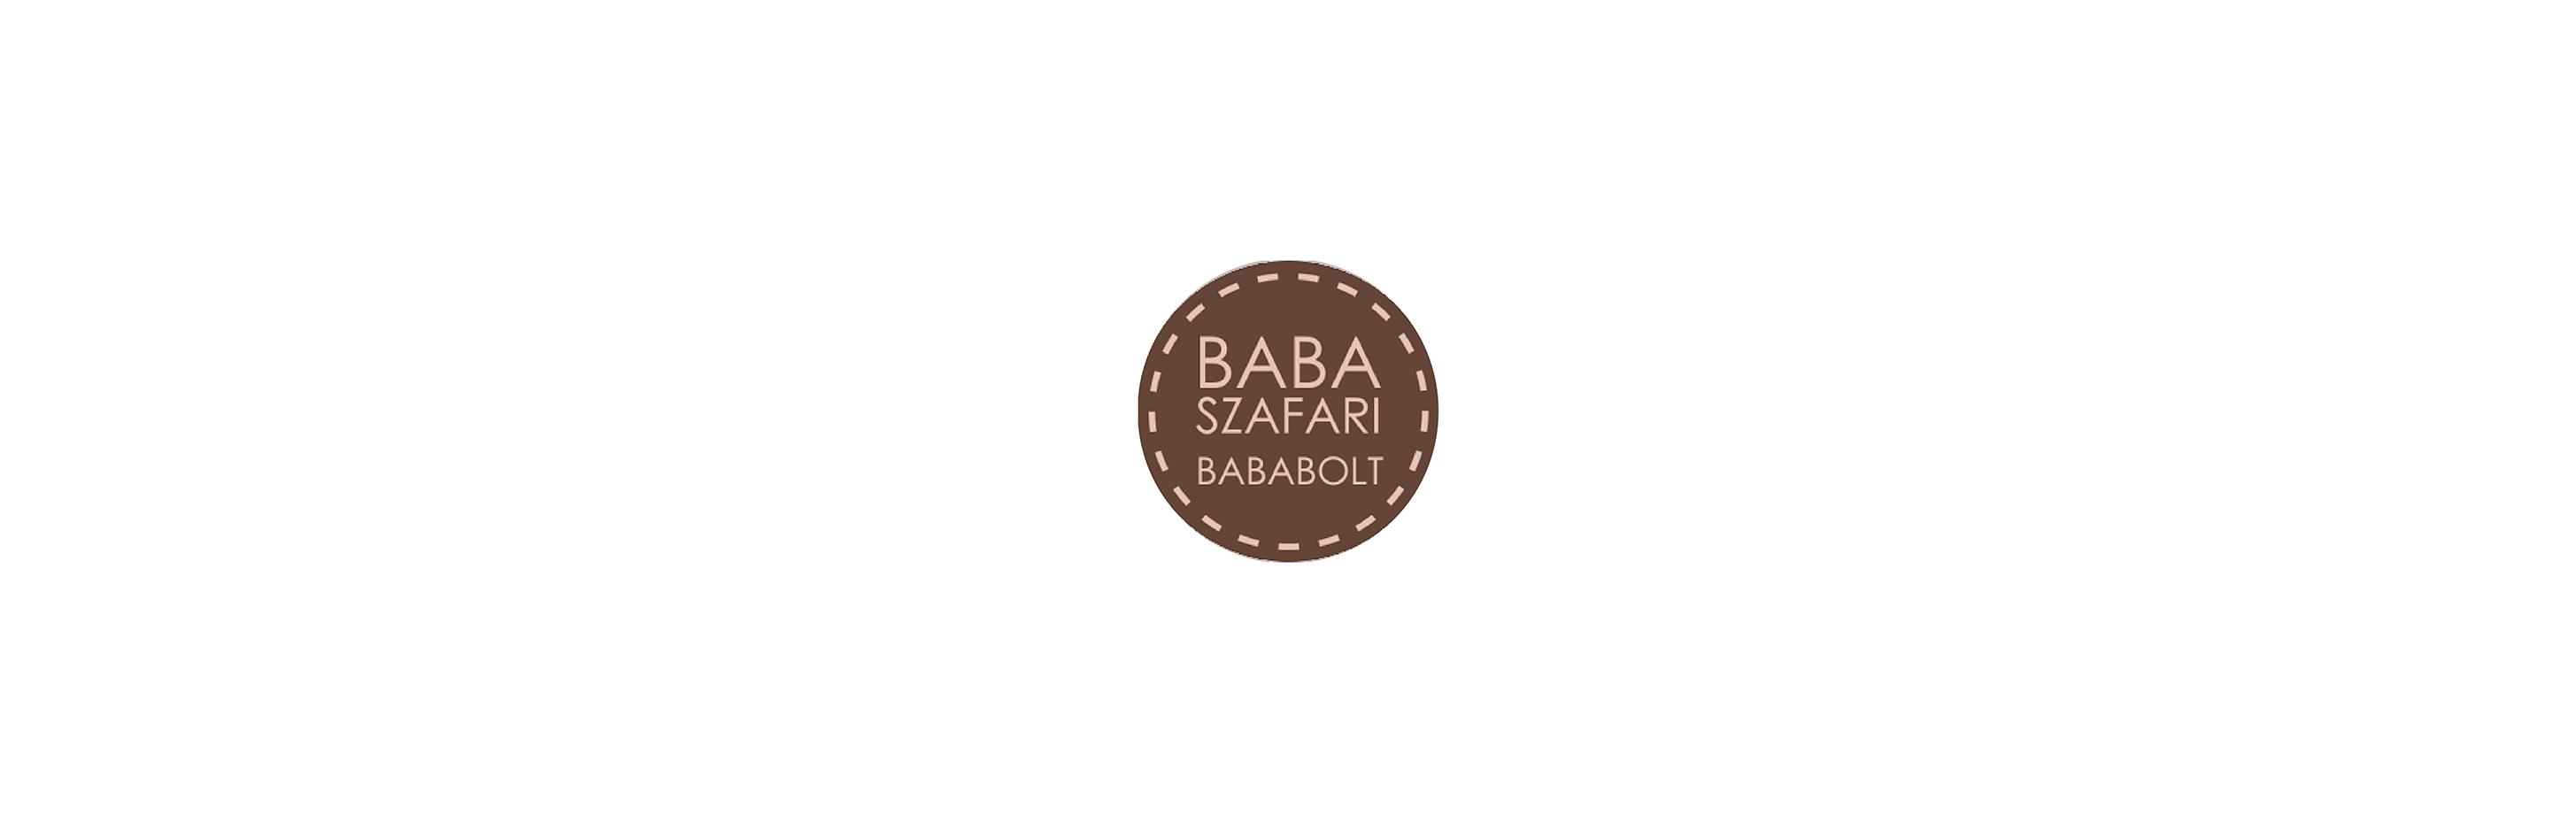 Babaszafari Bababolt